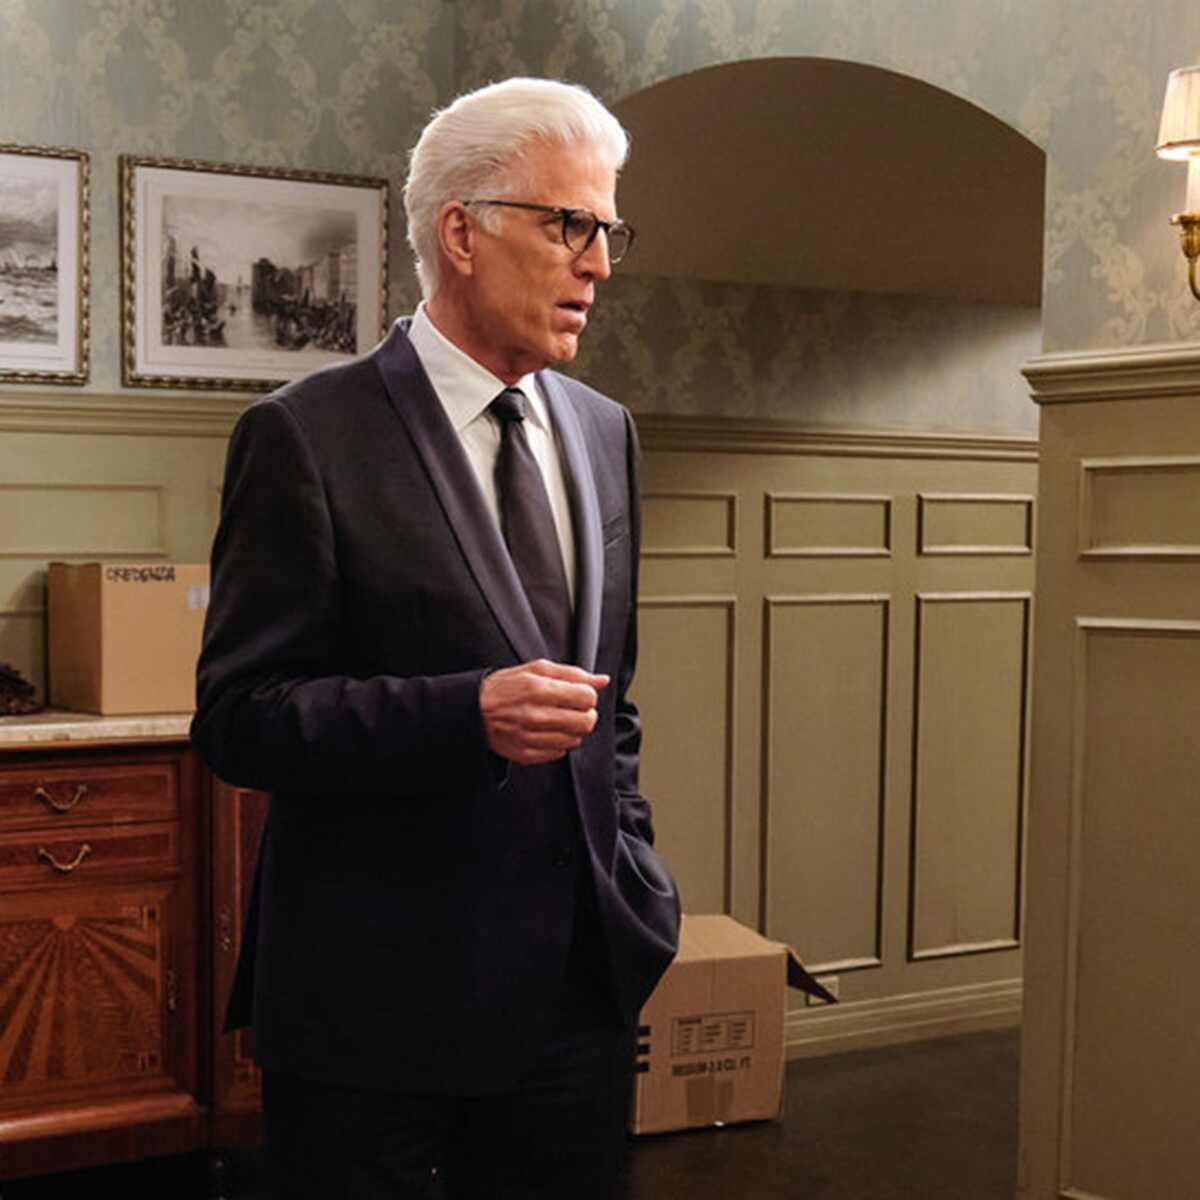 Mr. Mayor, Ted Danson